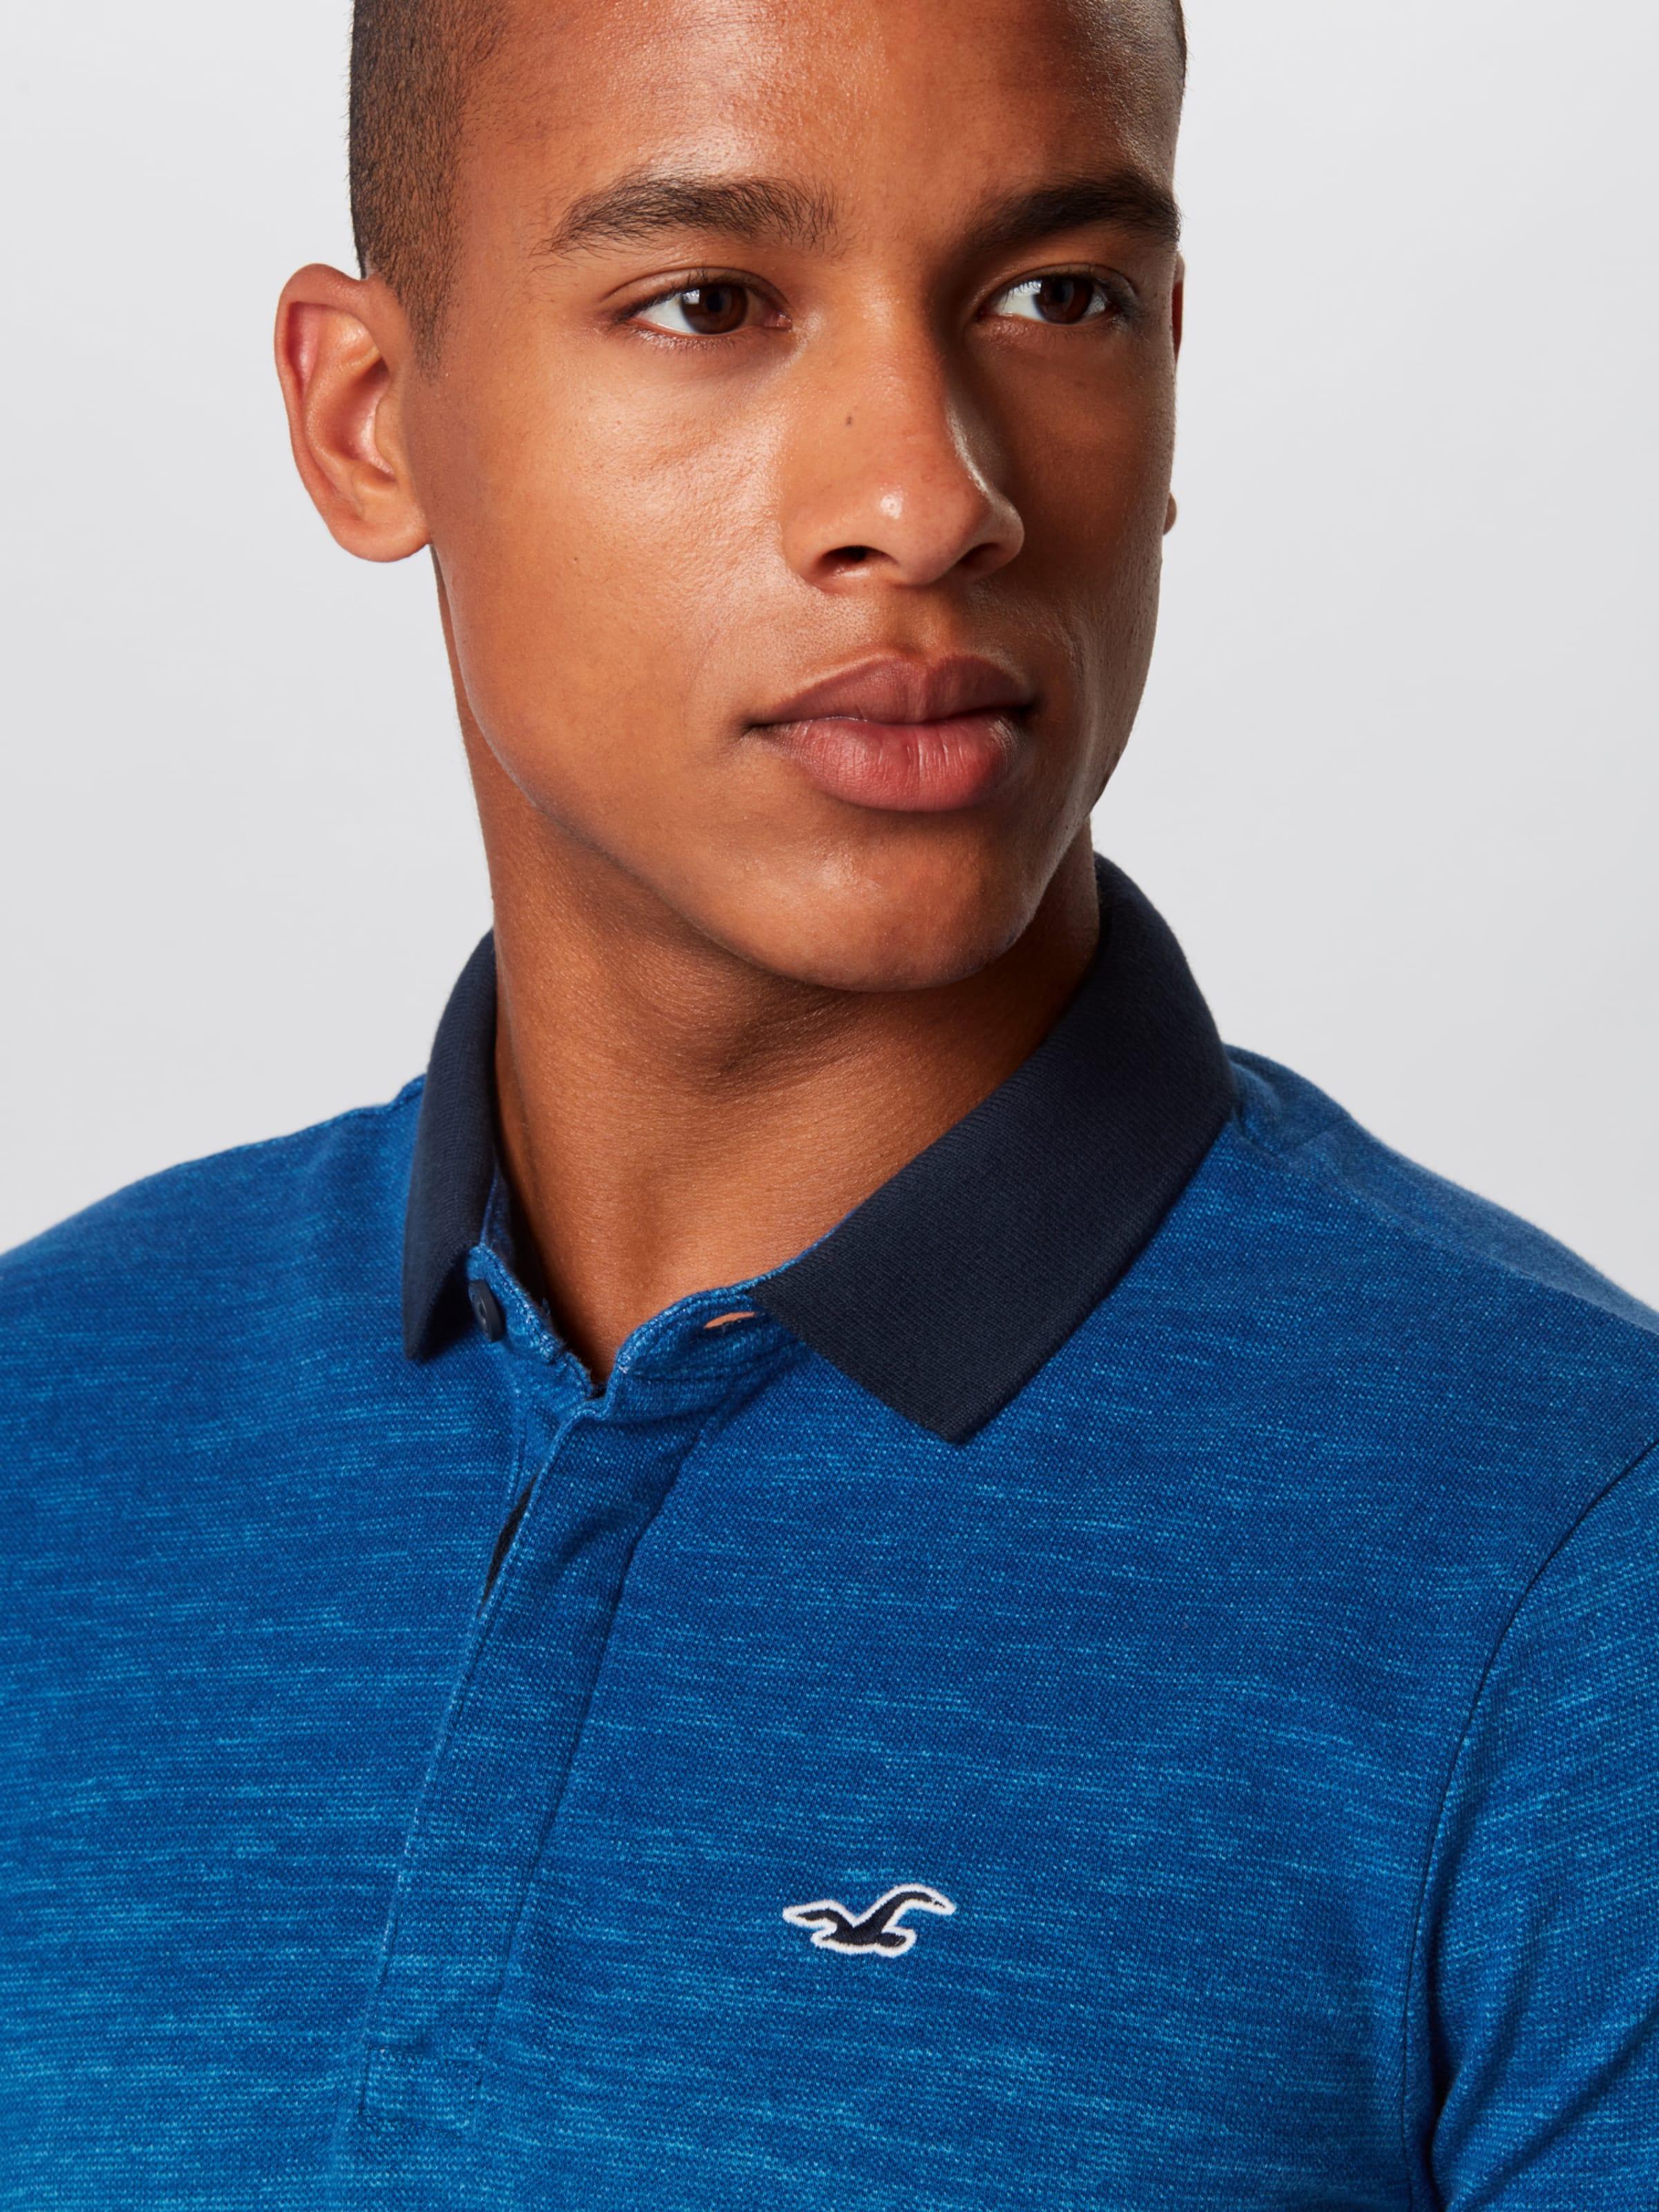 Marine Bleu En Hollister T shirt cLqS3R5Aj4